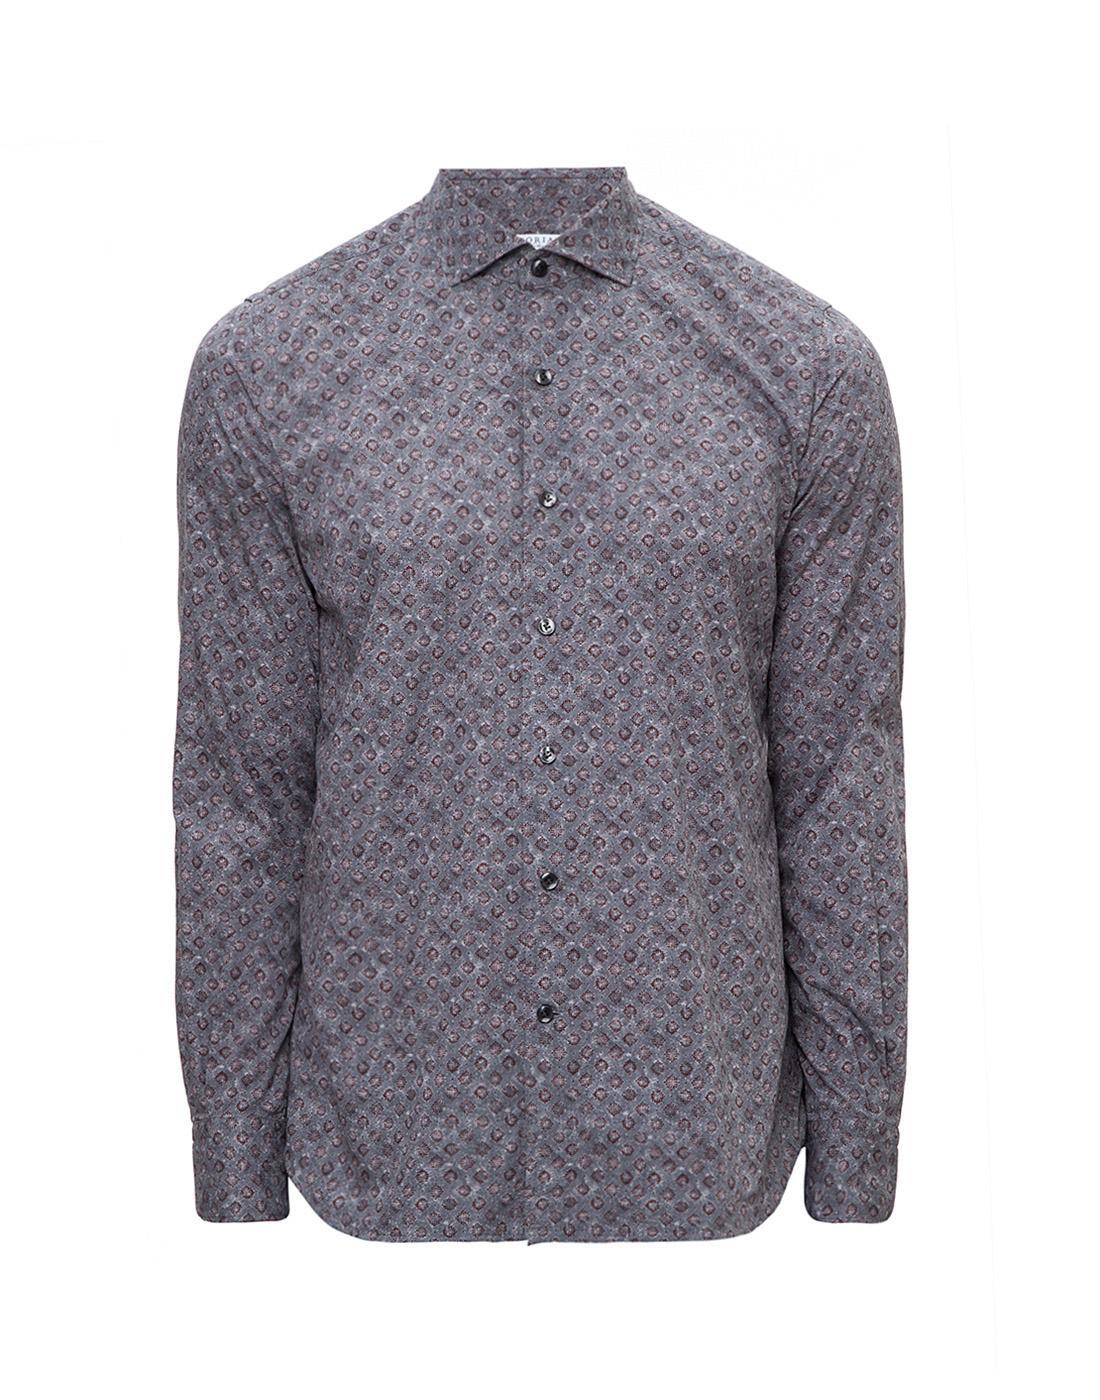 Мужская серая рубашка с принтом Orian S02P258 80-1